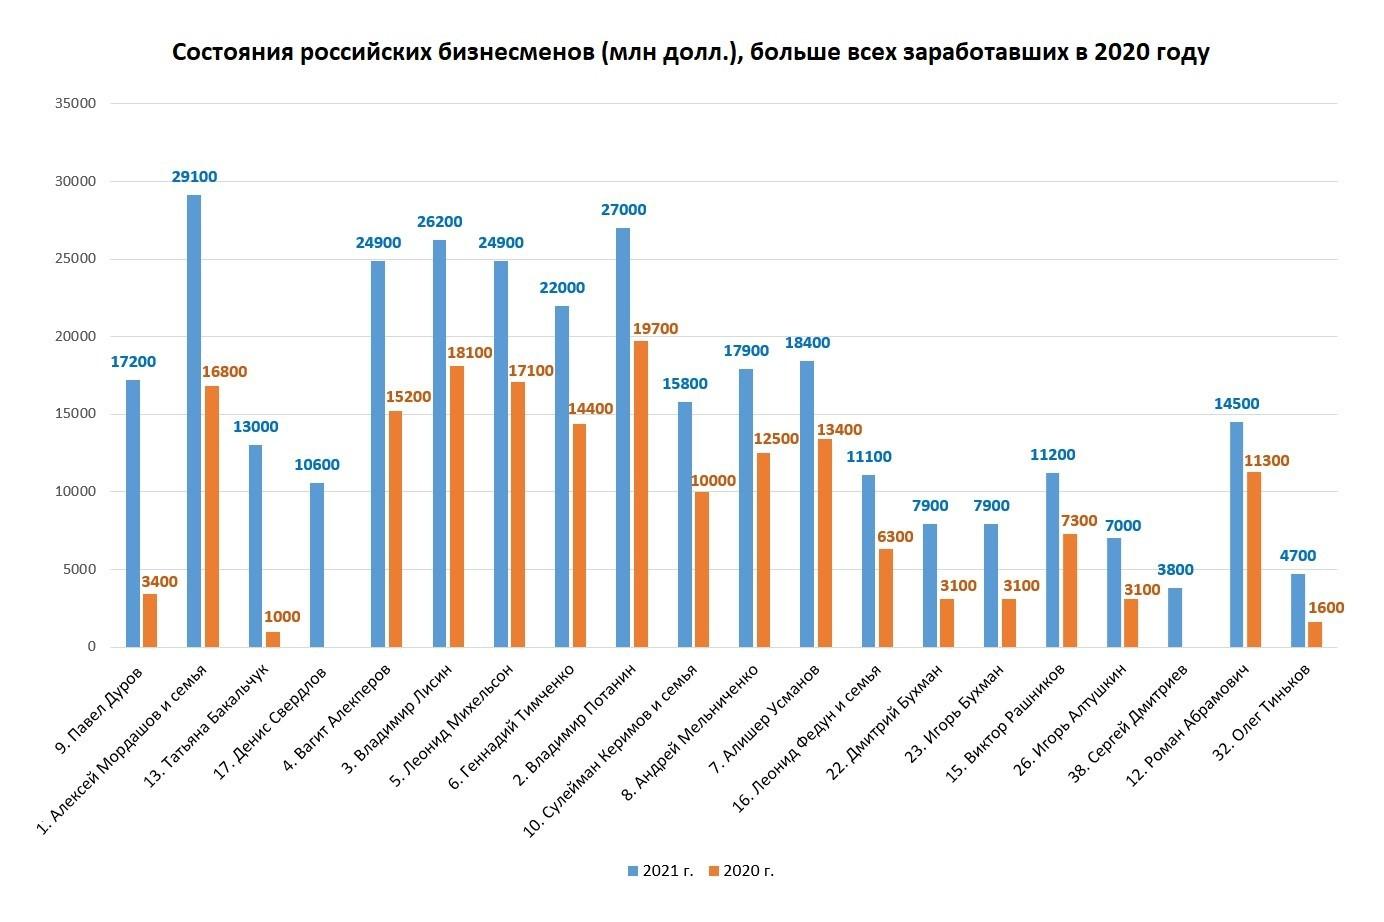 Рис. 5. Российские миллиардеры, больше всех заработавшие в 2020 г.